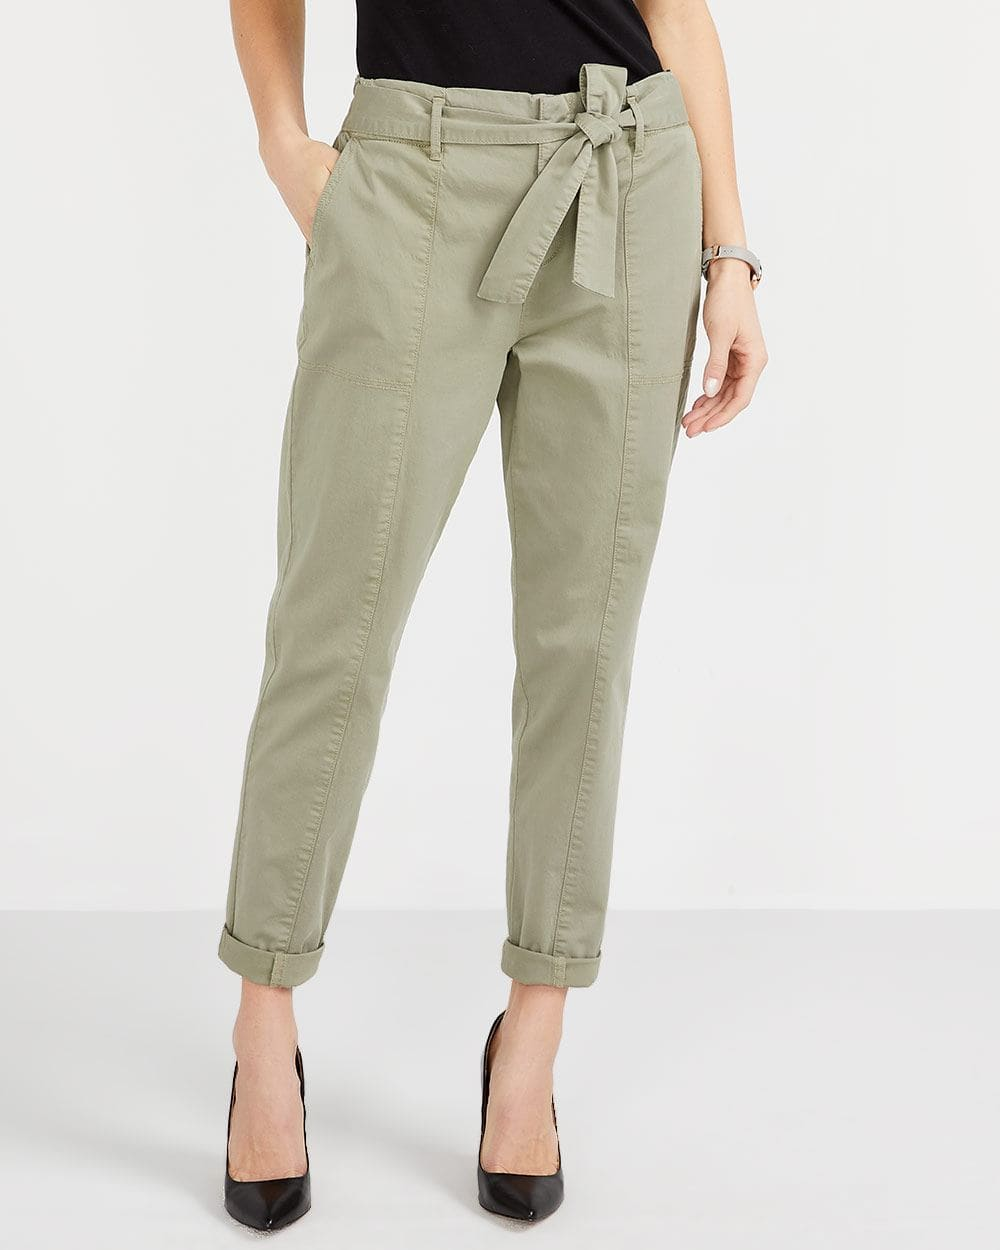 Petite Skinny Paper Bag Waist Pants